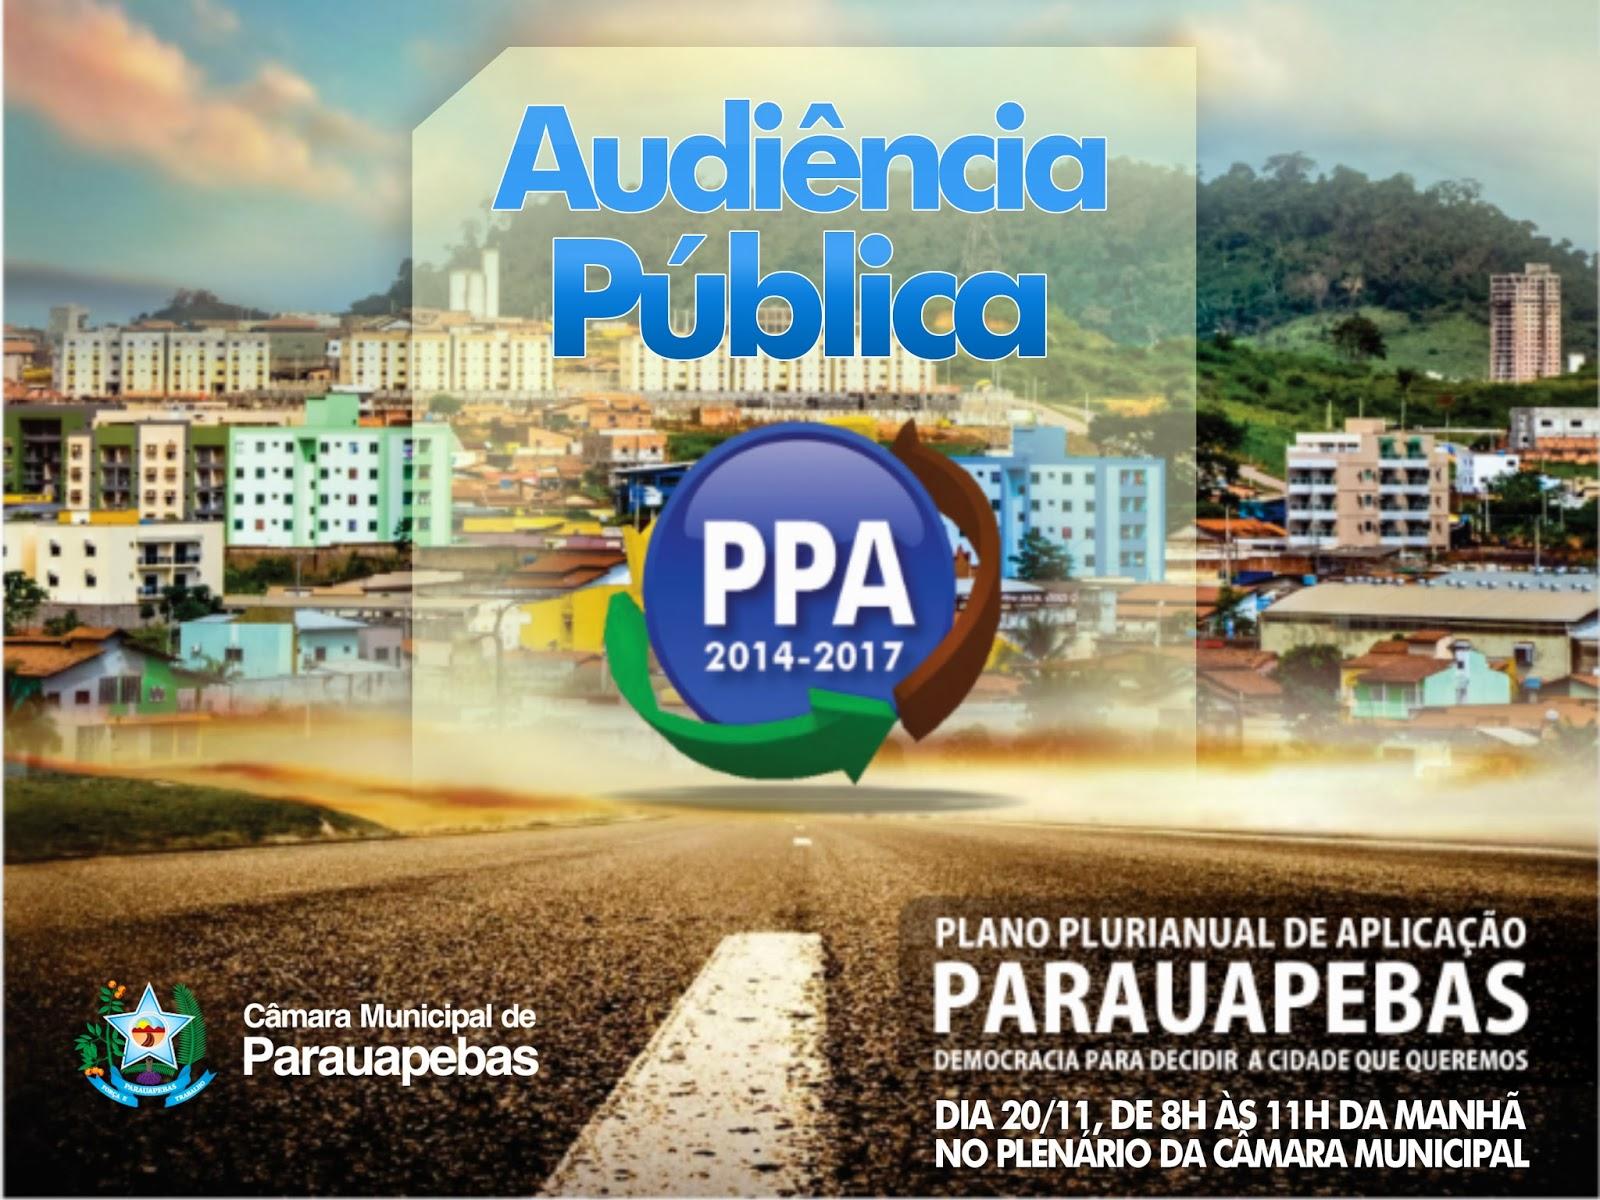 Circuito Cinema Parauapebas : Jovem parauapebas amanhã no plenário da c mara